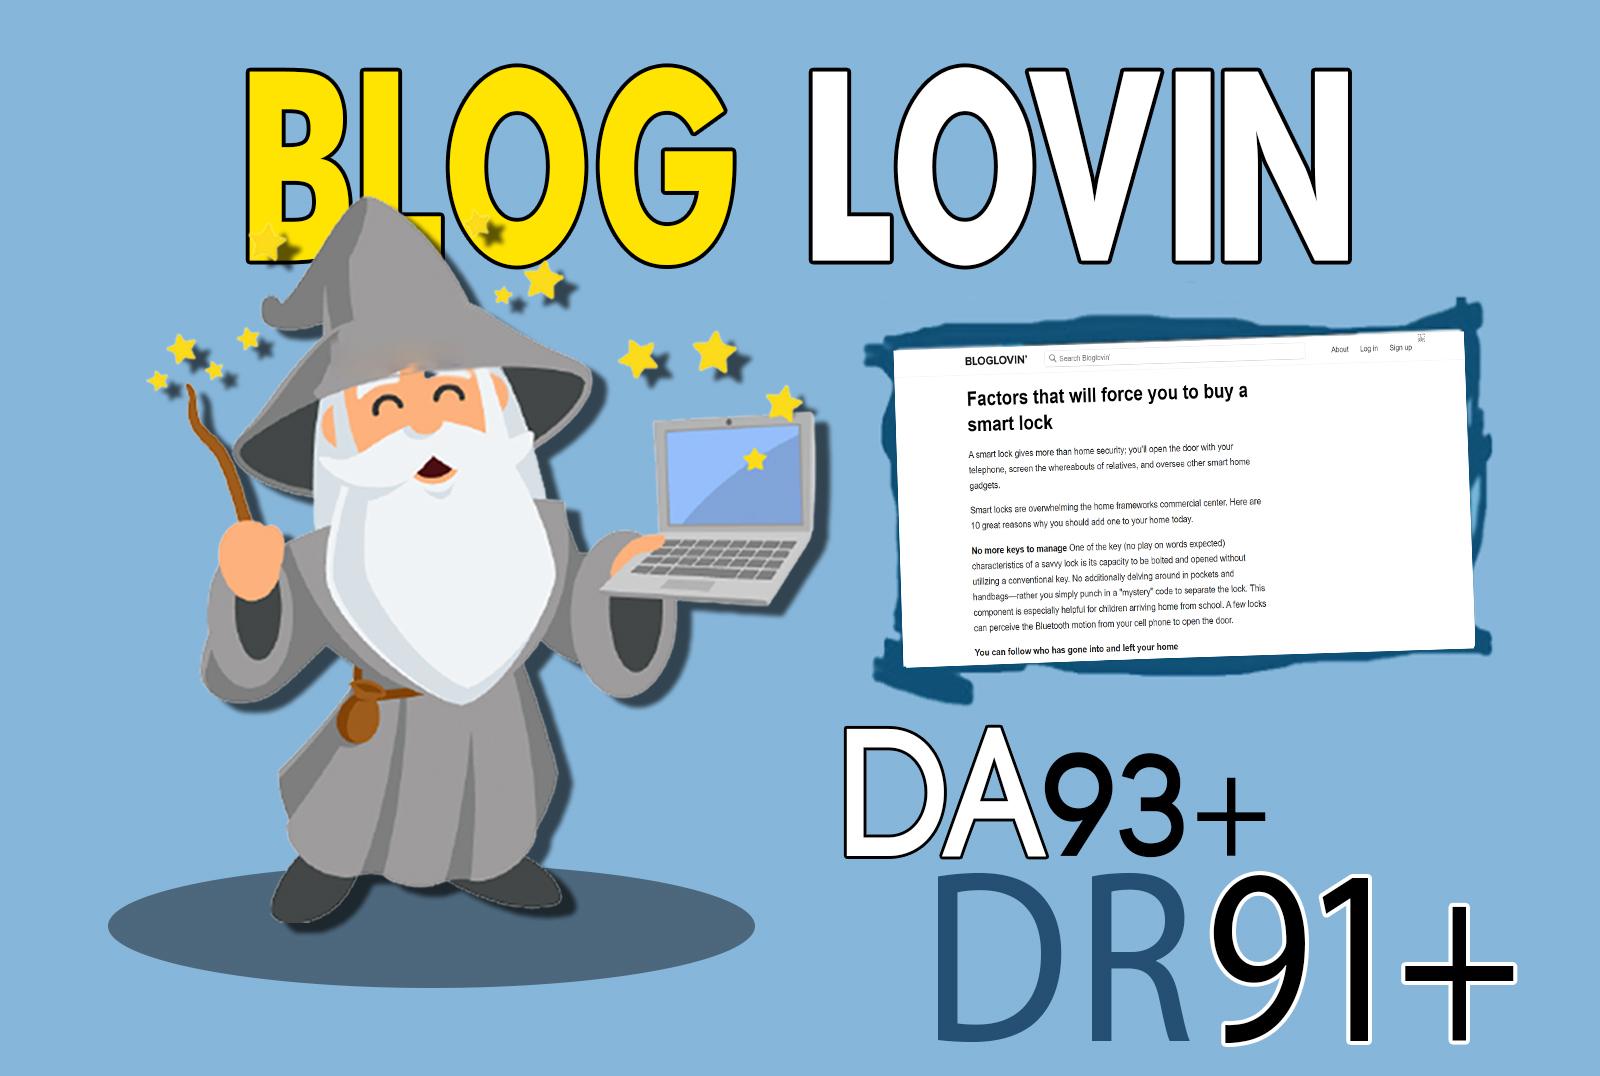 publish your article on bloglovin.com da 93 dofollow backlink